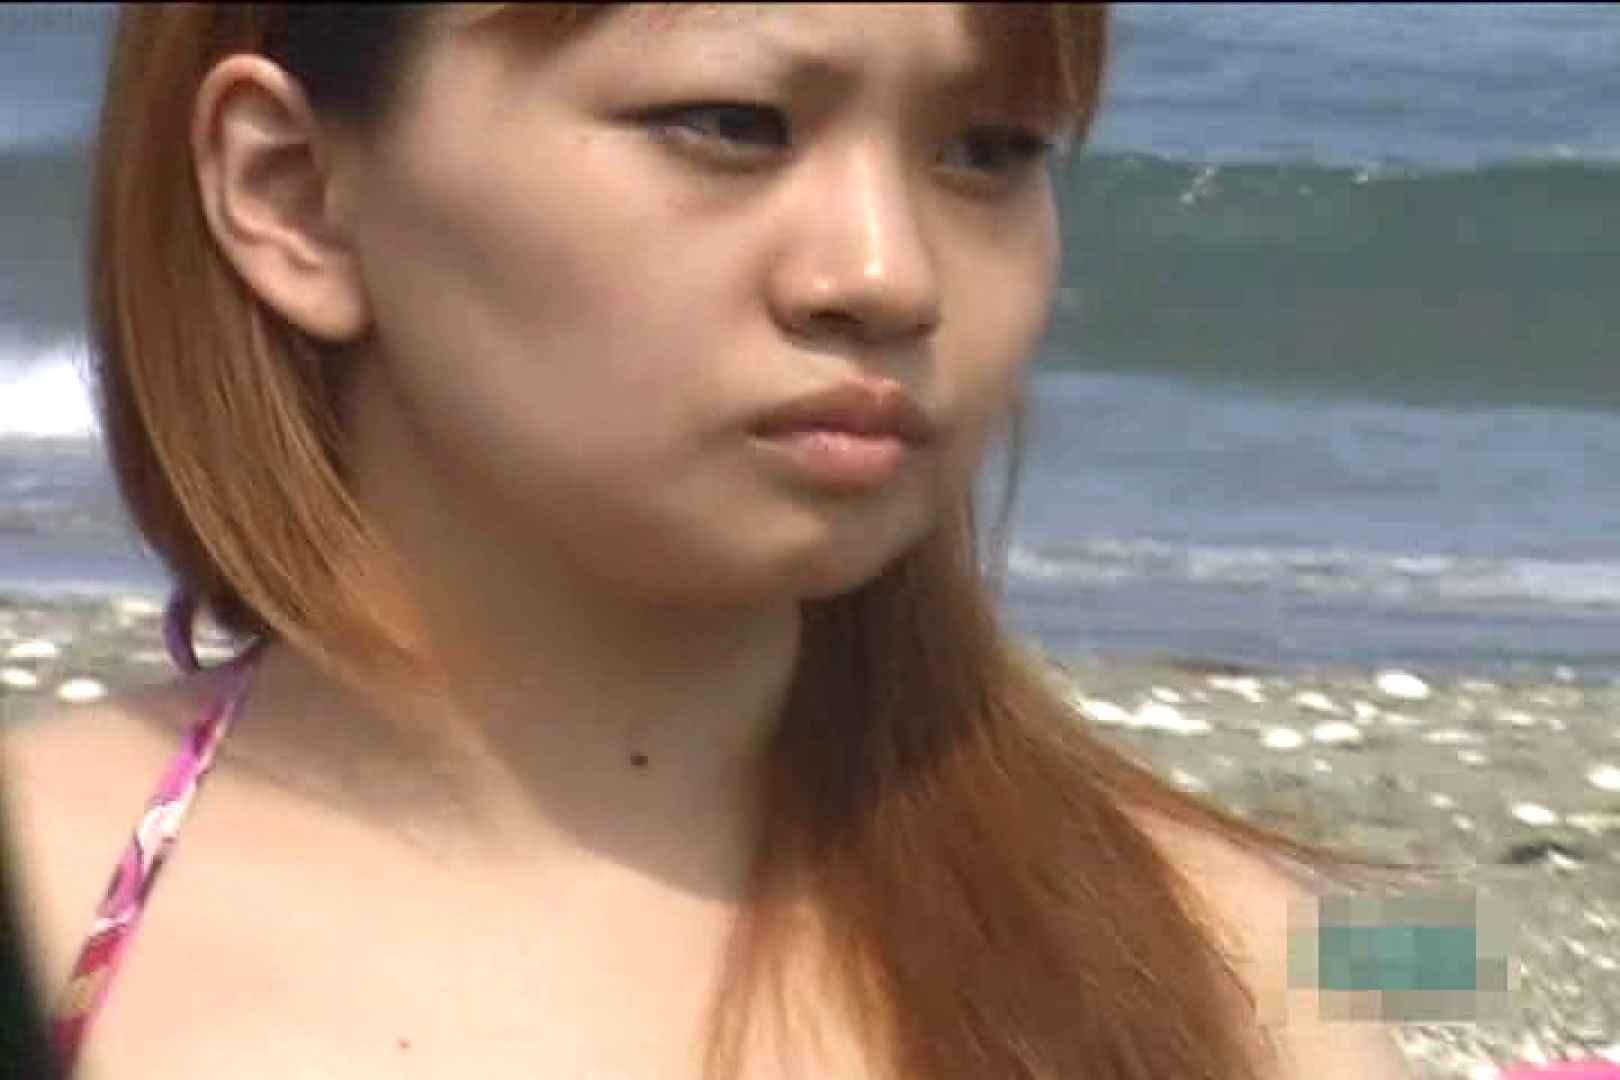 真夏のビーチは危険地帯Vol.3 OLヌード天国 性交動画流出 107PIX 22